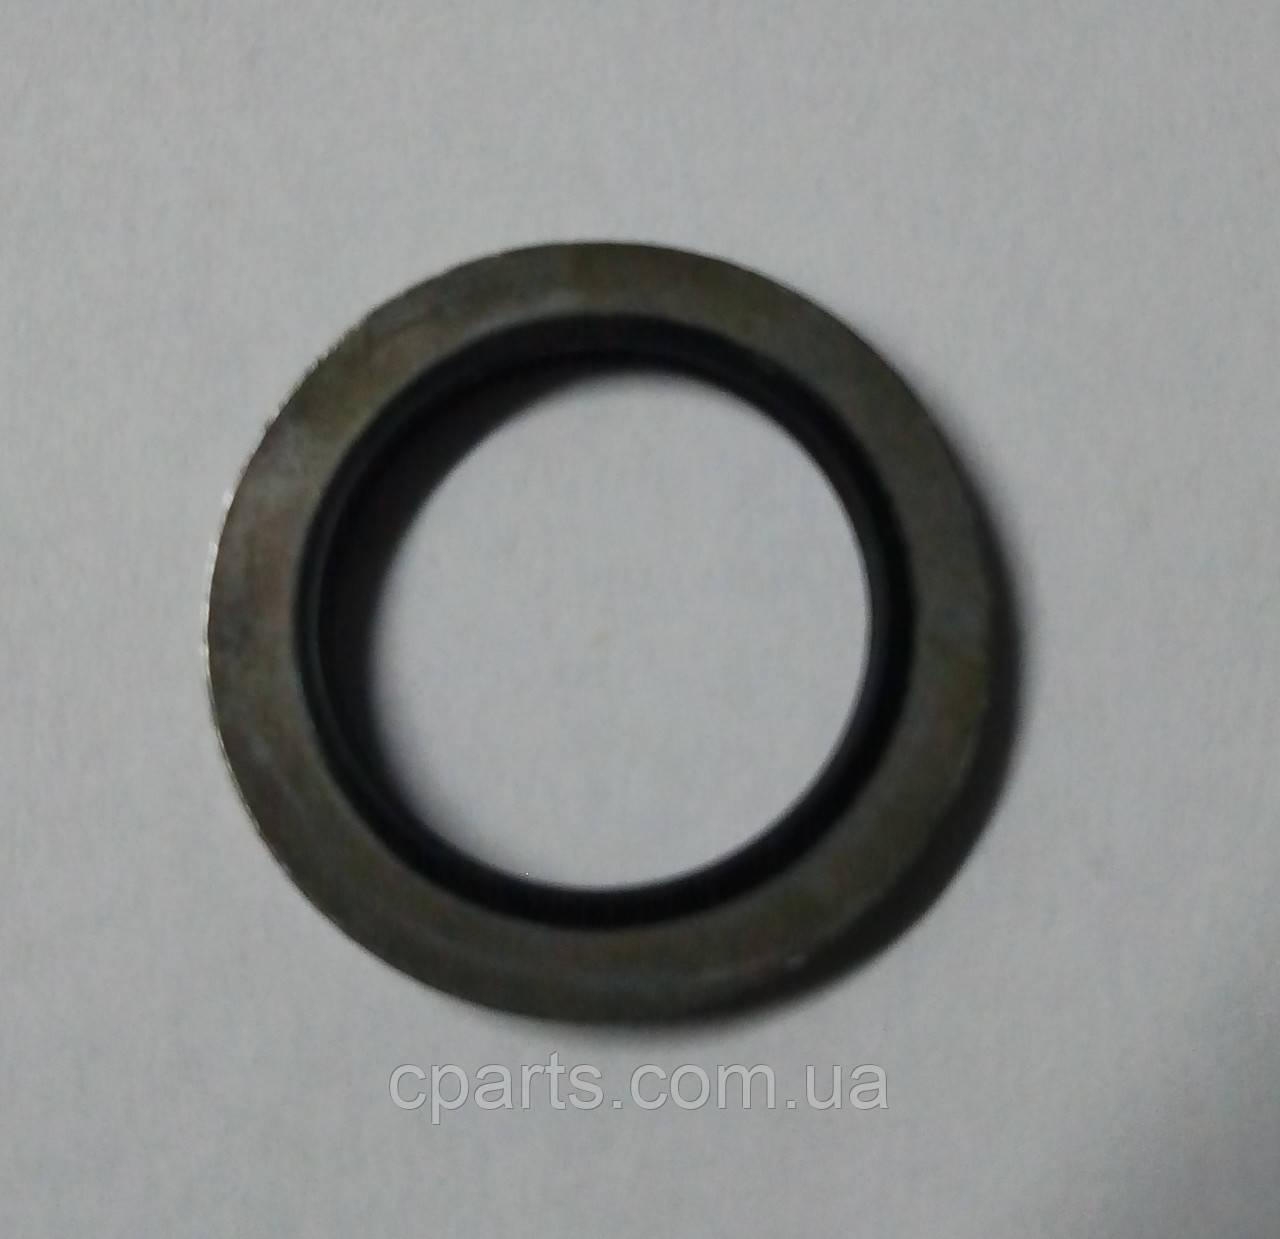 Кольцо прокладка масляной пробки Renault Dokker (Sasic 4001073)(высокое качество)